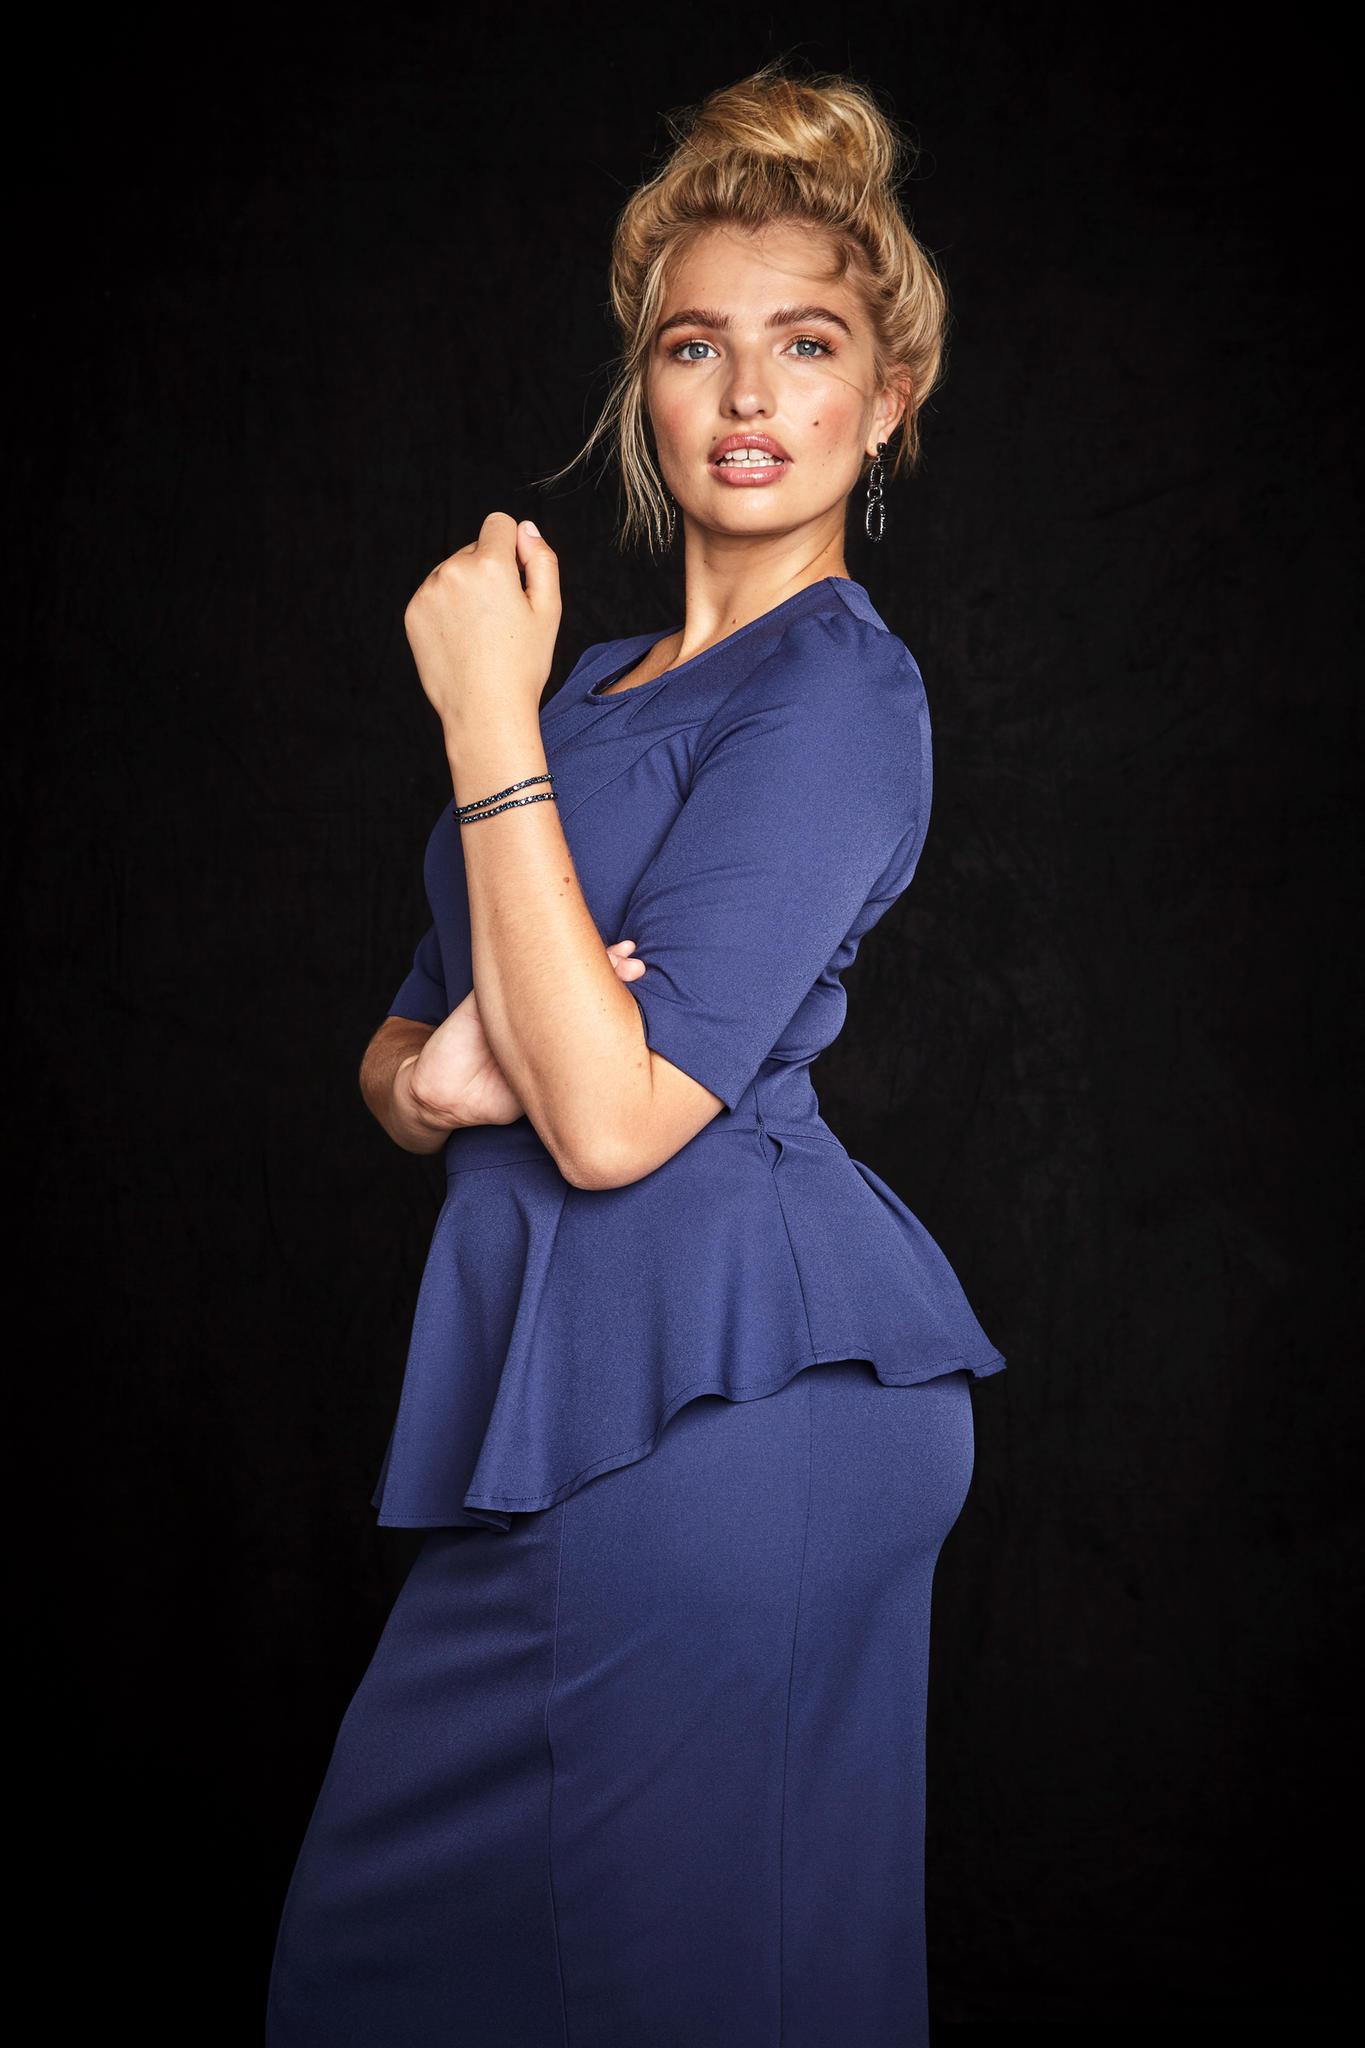 Curvy Model Sarina Nowak Das Denkt Sie Heute Wirklich über Ihre